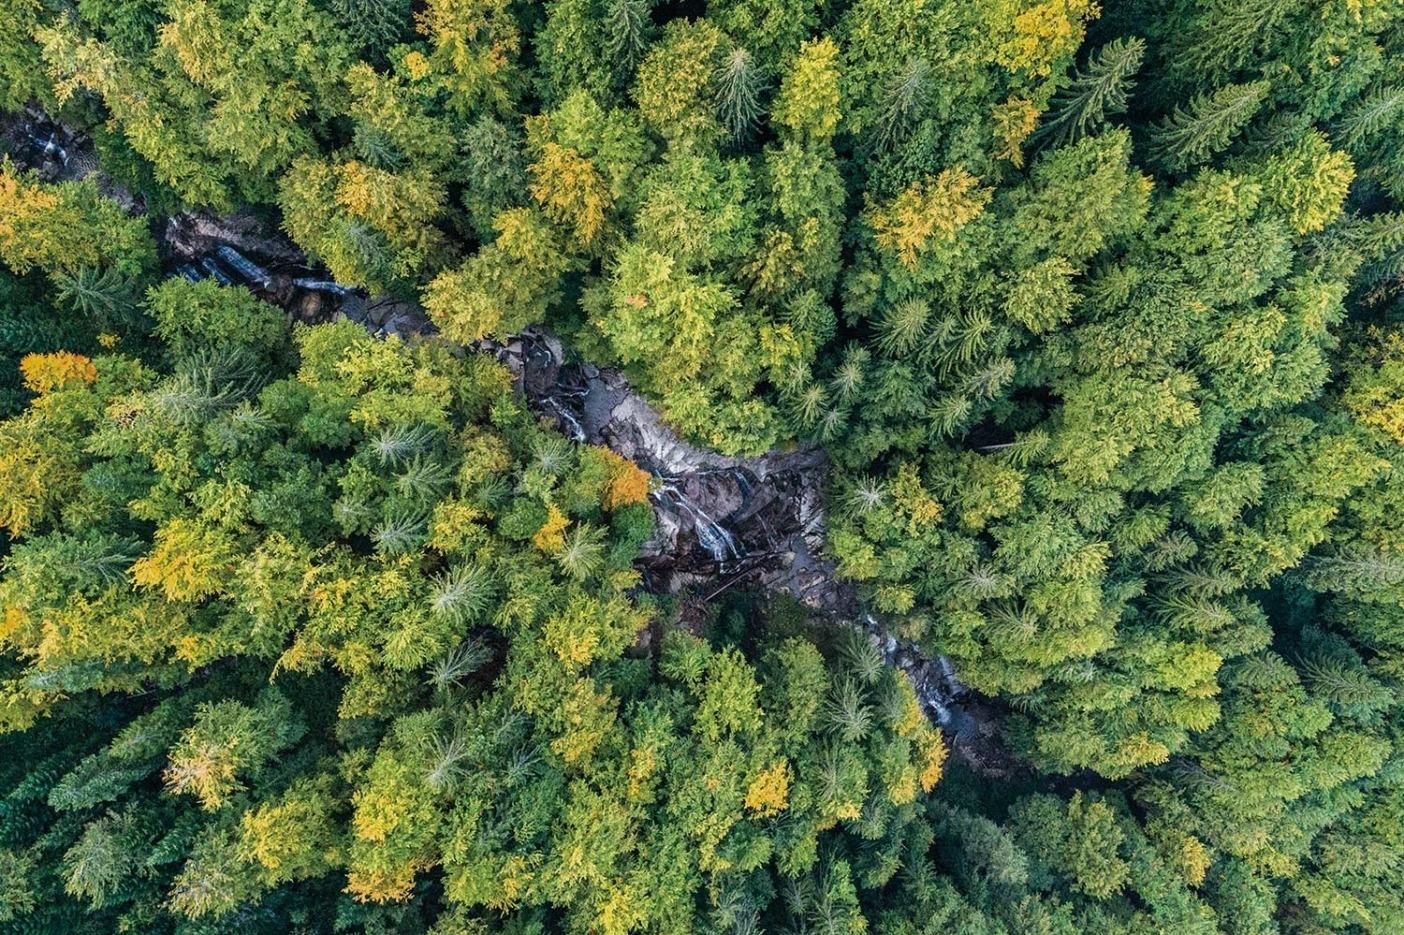 ジェリェズニツァ川はヨーロッパ大陸に残された最後の原生河川のひとつ。 2 基の水力発電用の分水ダム建設案が実現すれば、完全に枯渇するという危機に直面している。Photo:Andrew Burr